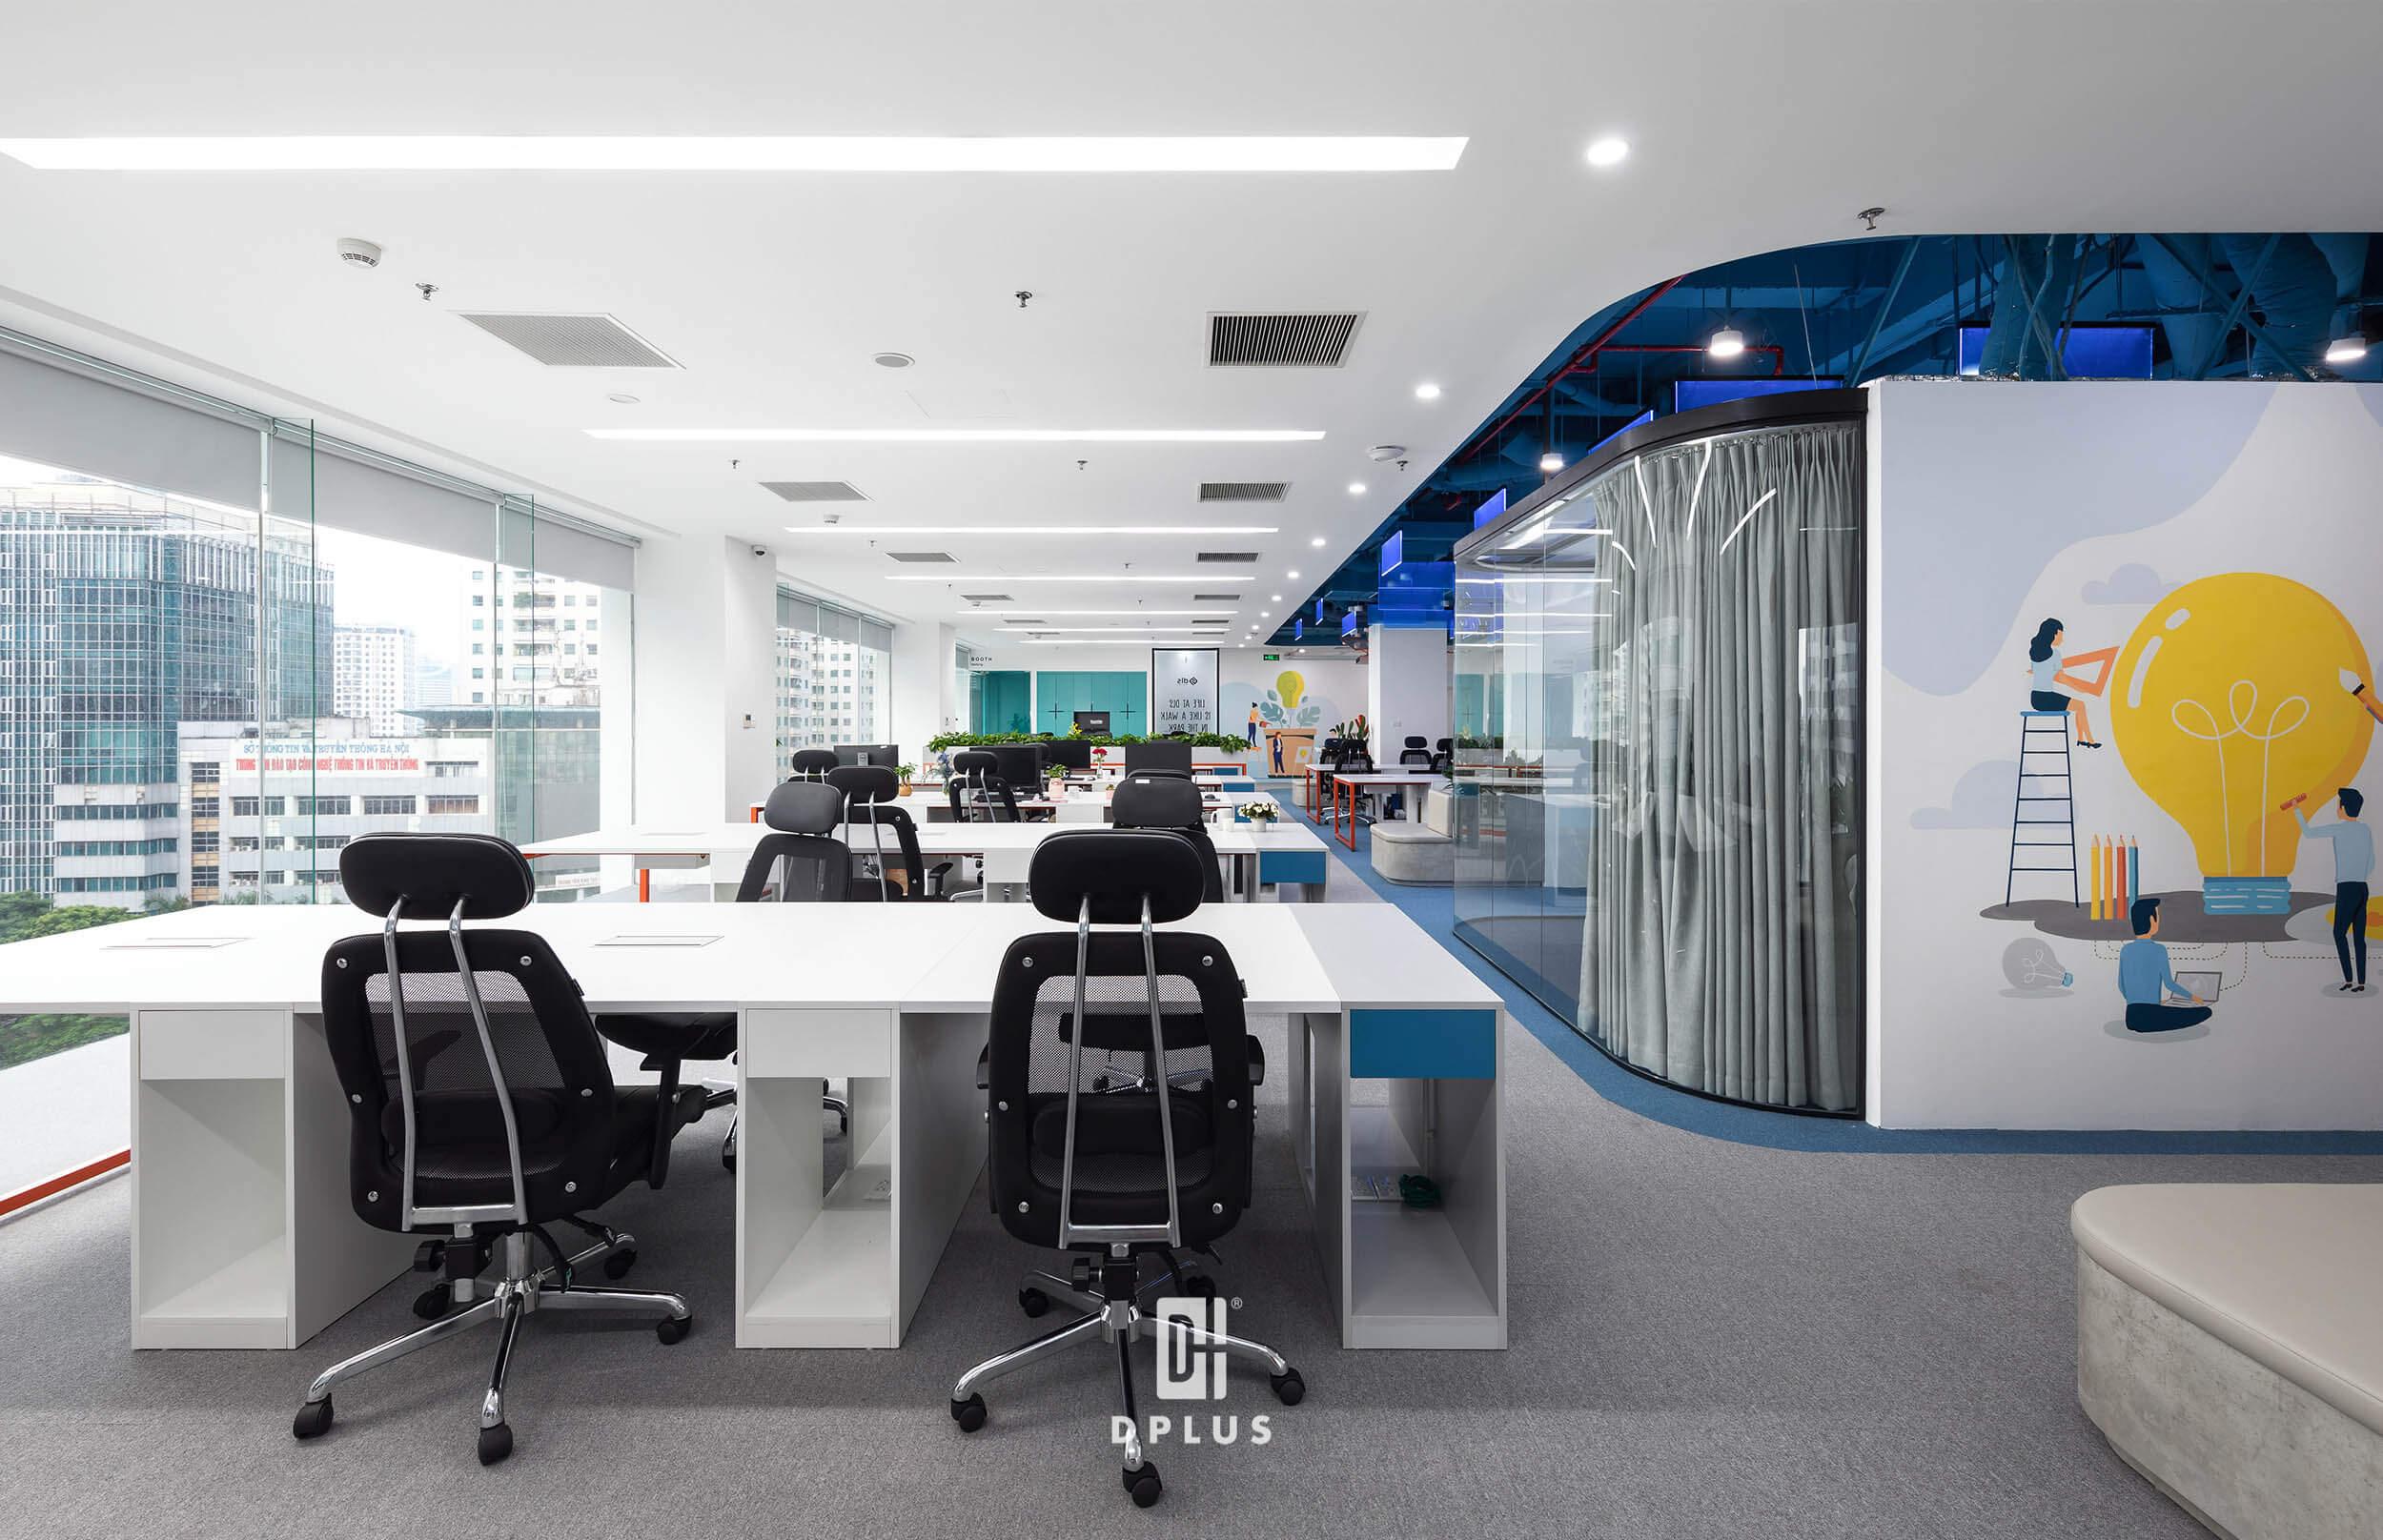 Hoạt động trong lĩnh vực công nghệ, văn phòng công ty DLS được thiết kế theo không gian mở, sử dụng kết hợp tông màu xanh trắng cùng những graphic kích thích sáng tạo và mang cảm giác mới mẻ, công nghệ